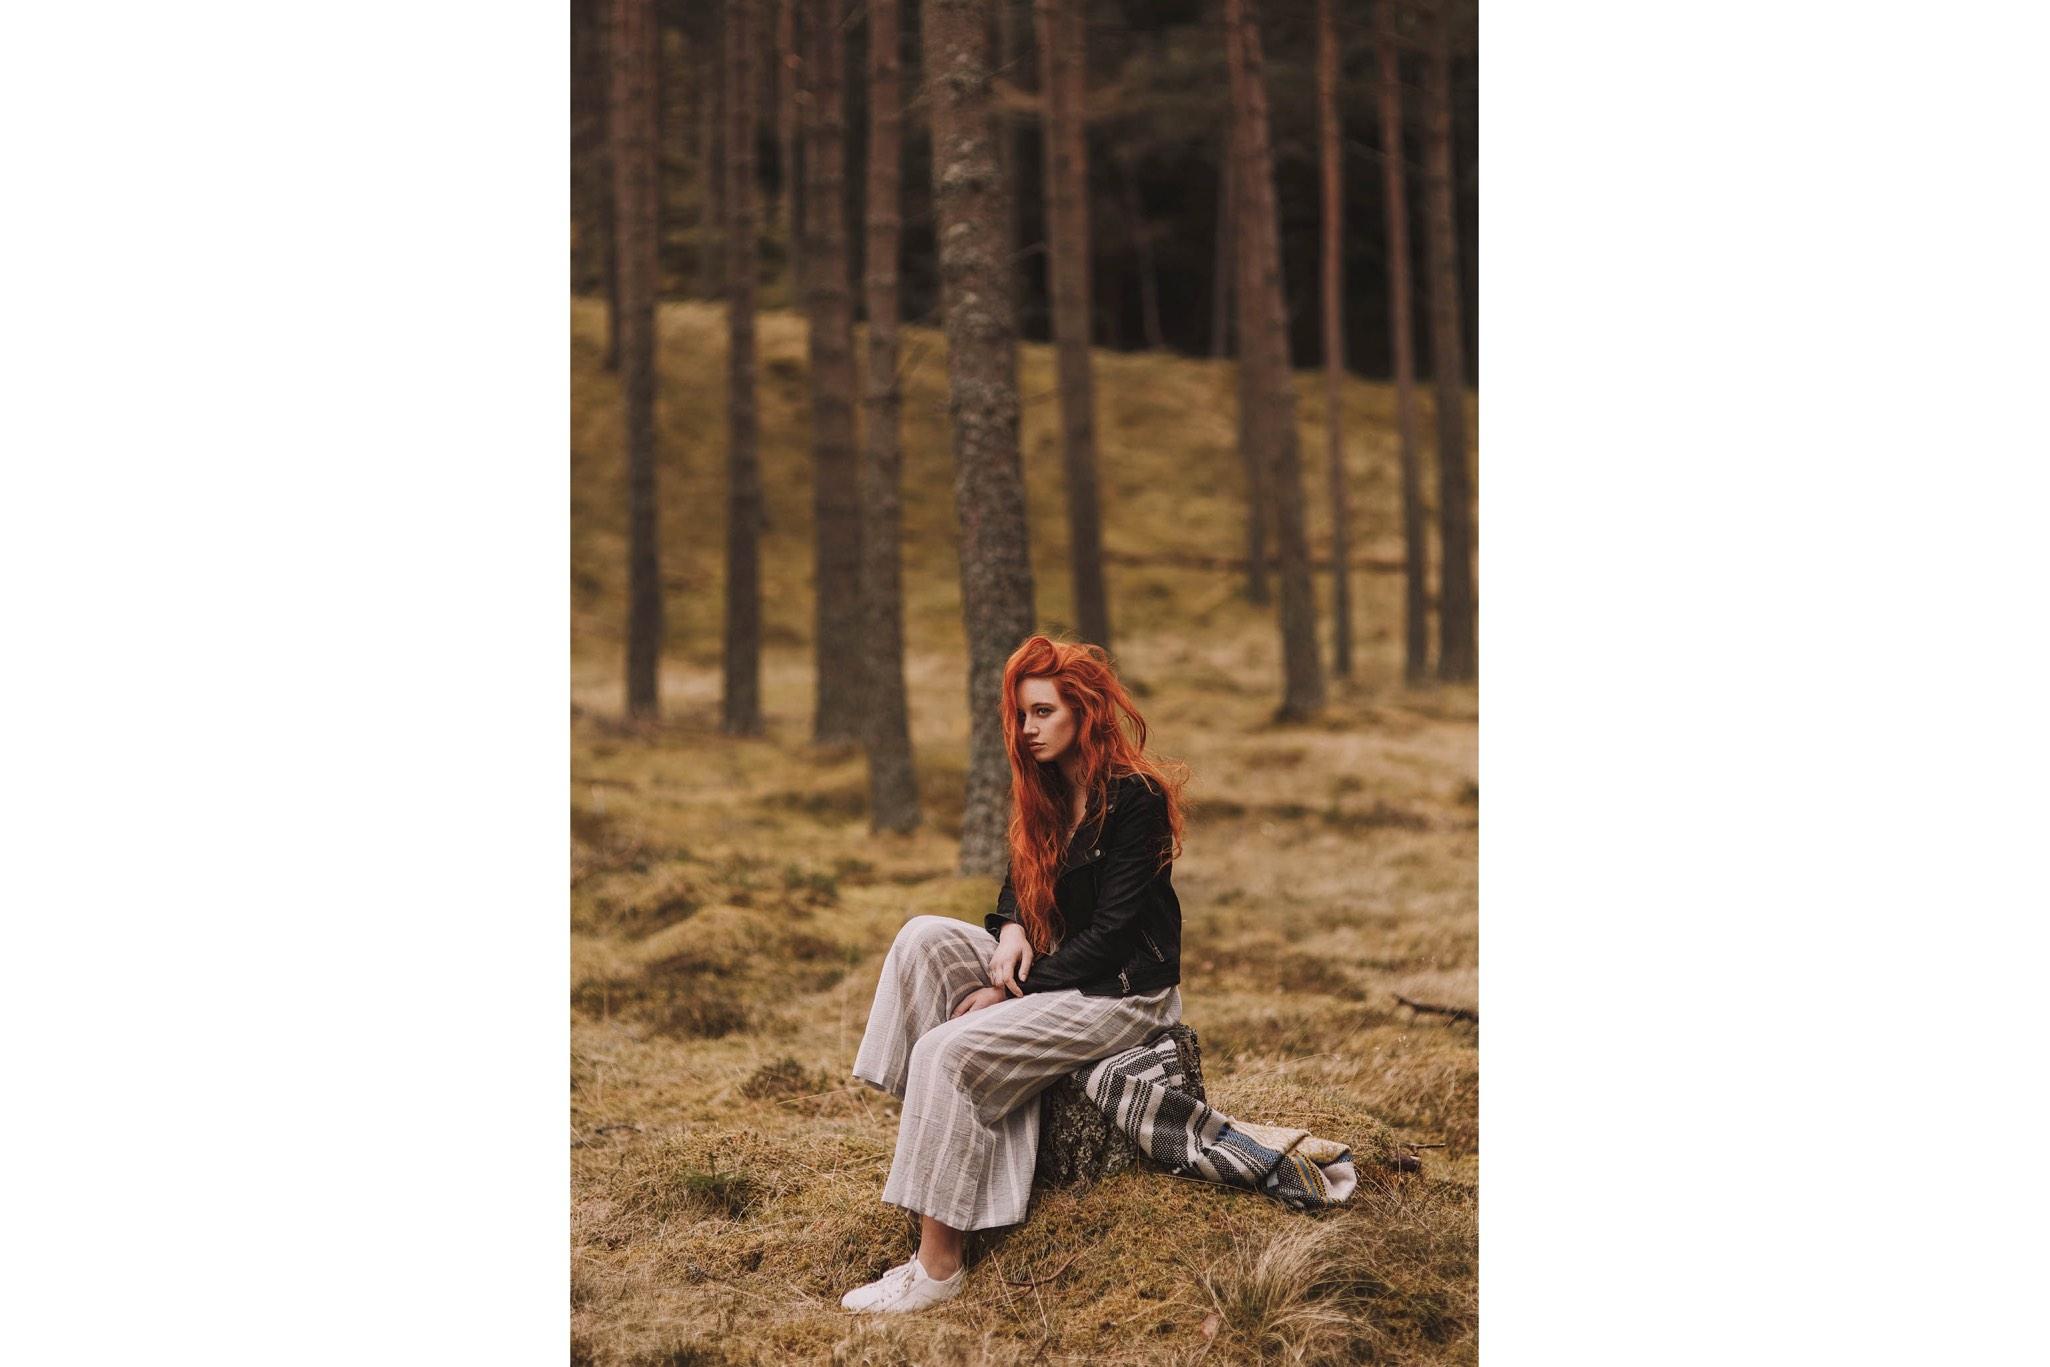 Scotland-wedding-photographer-jeremy-boyer-photographe-mariage-ecosse-voyage-road-trip-travel-83.jpg